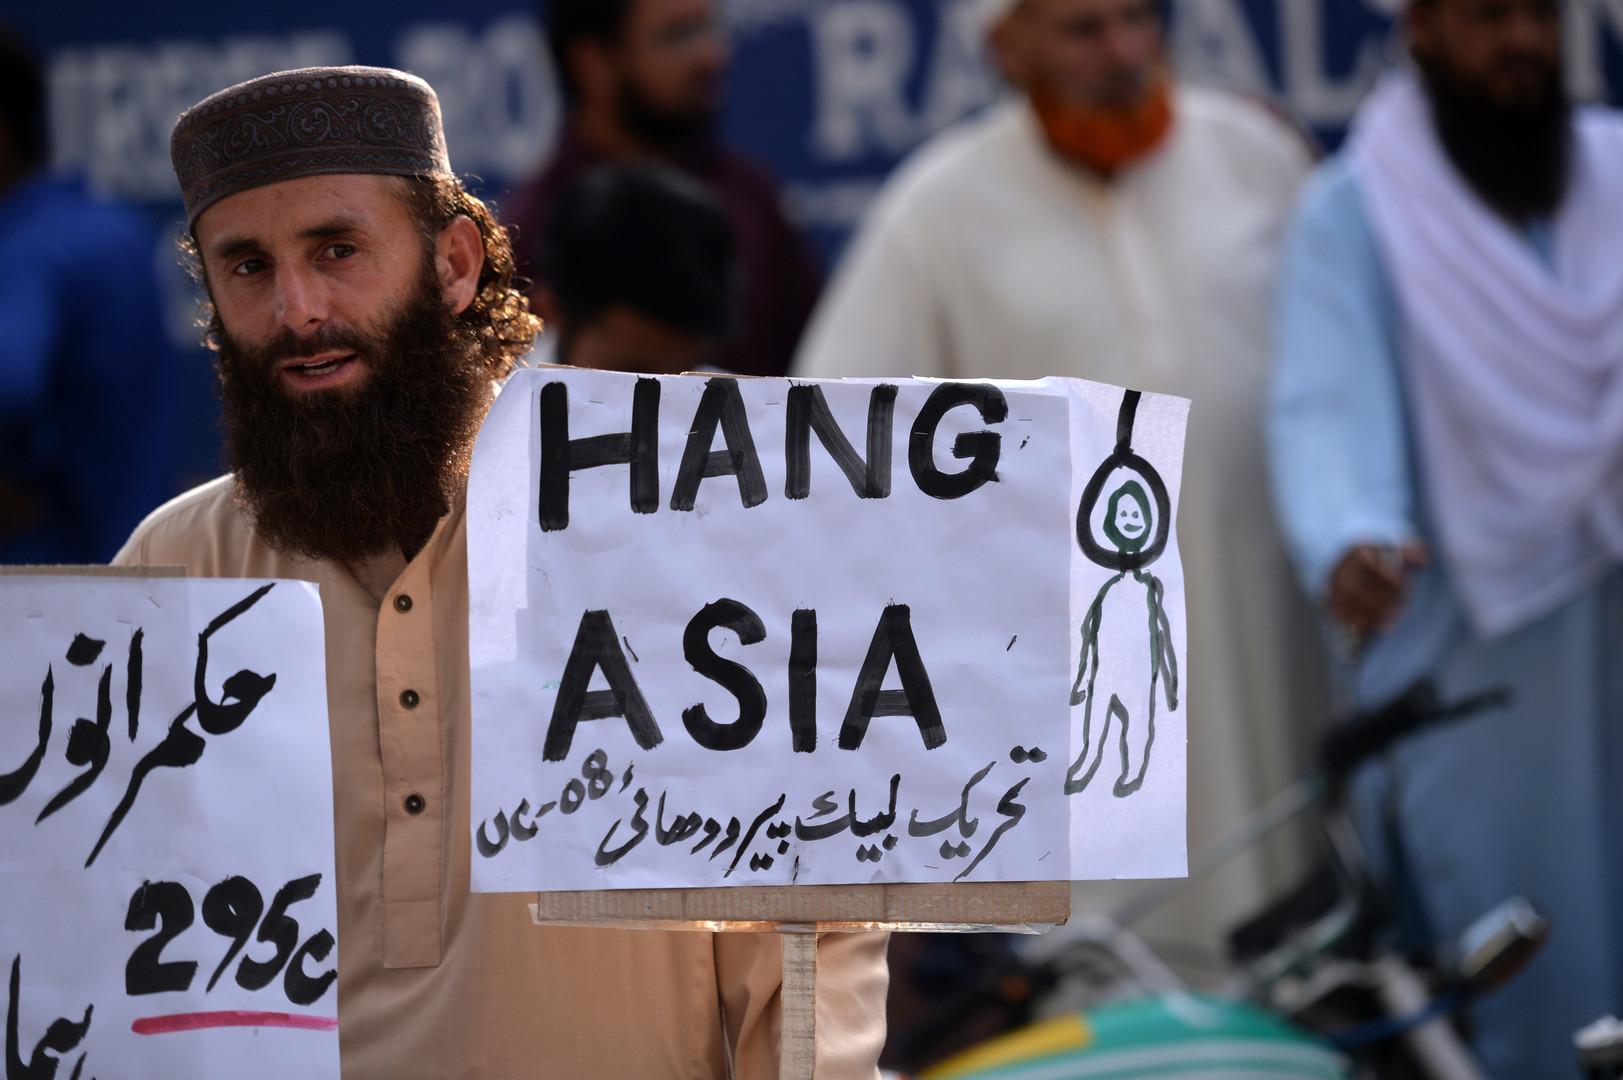 Des milliers de Pakistanais mobilisés pour exiger l'exécution d'une chrétienne accusée de blasphème